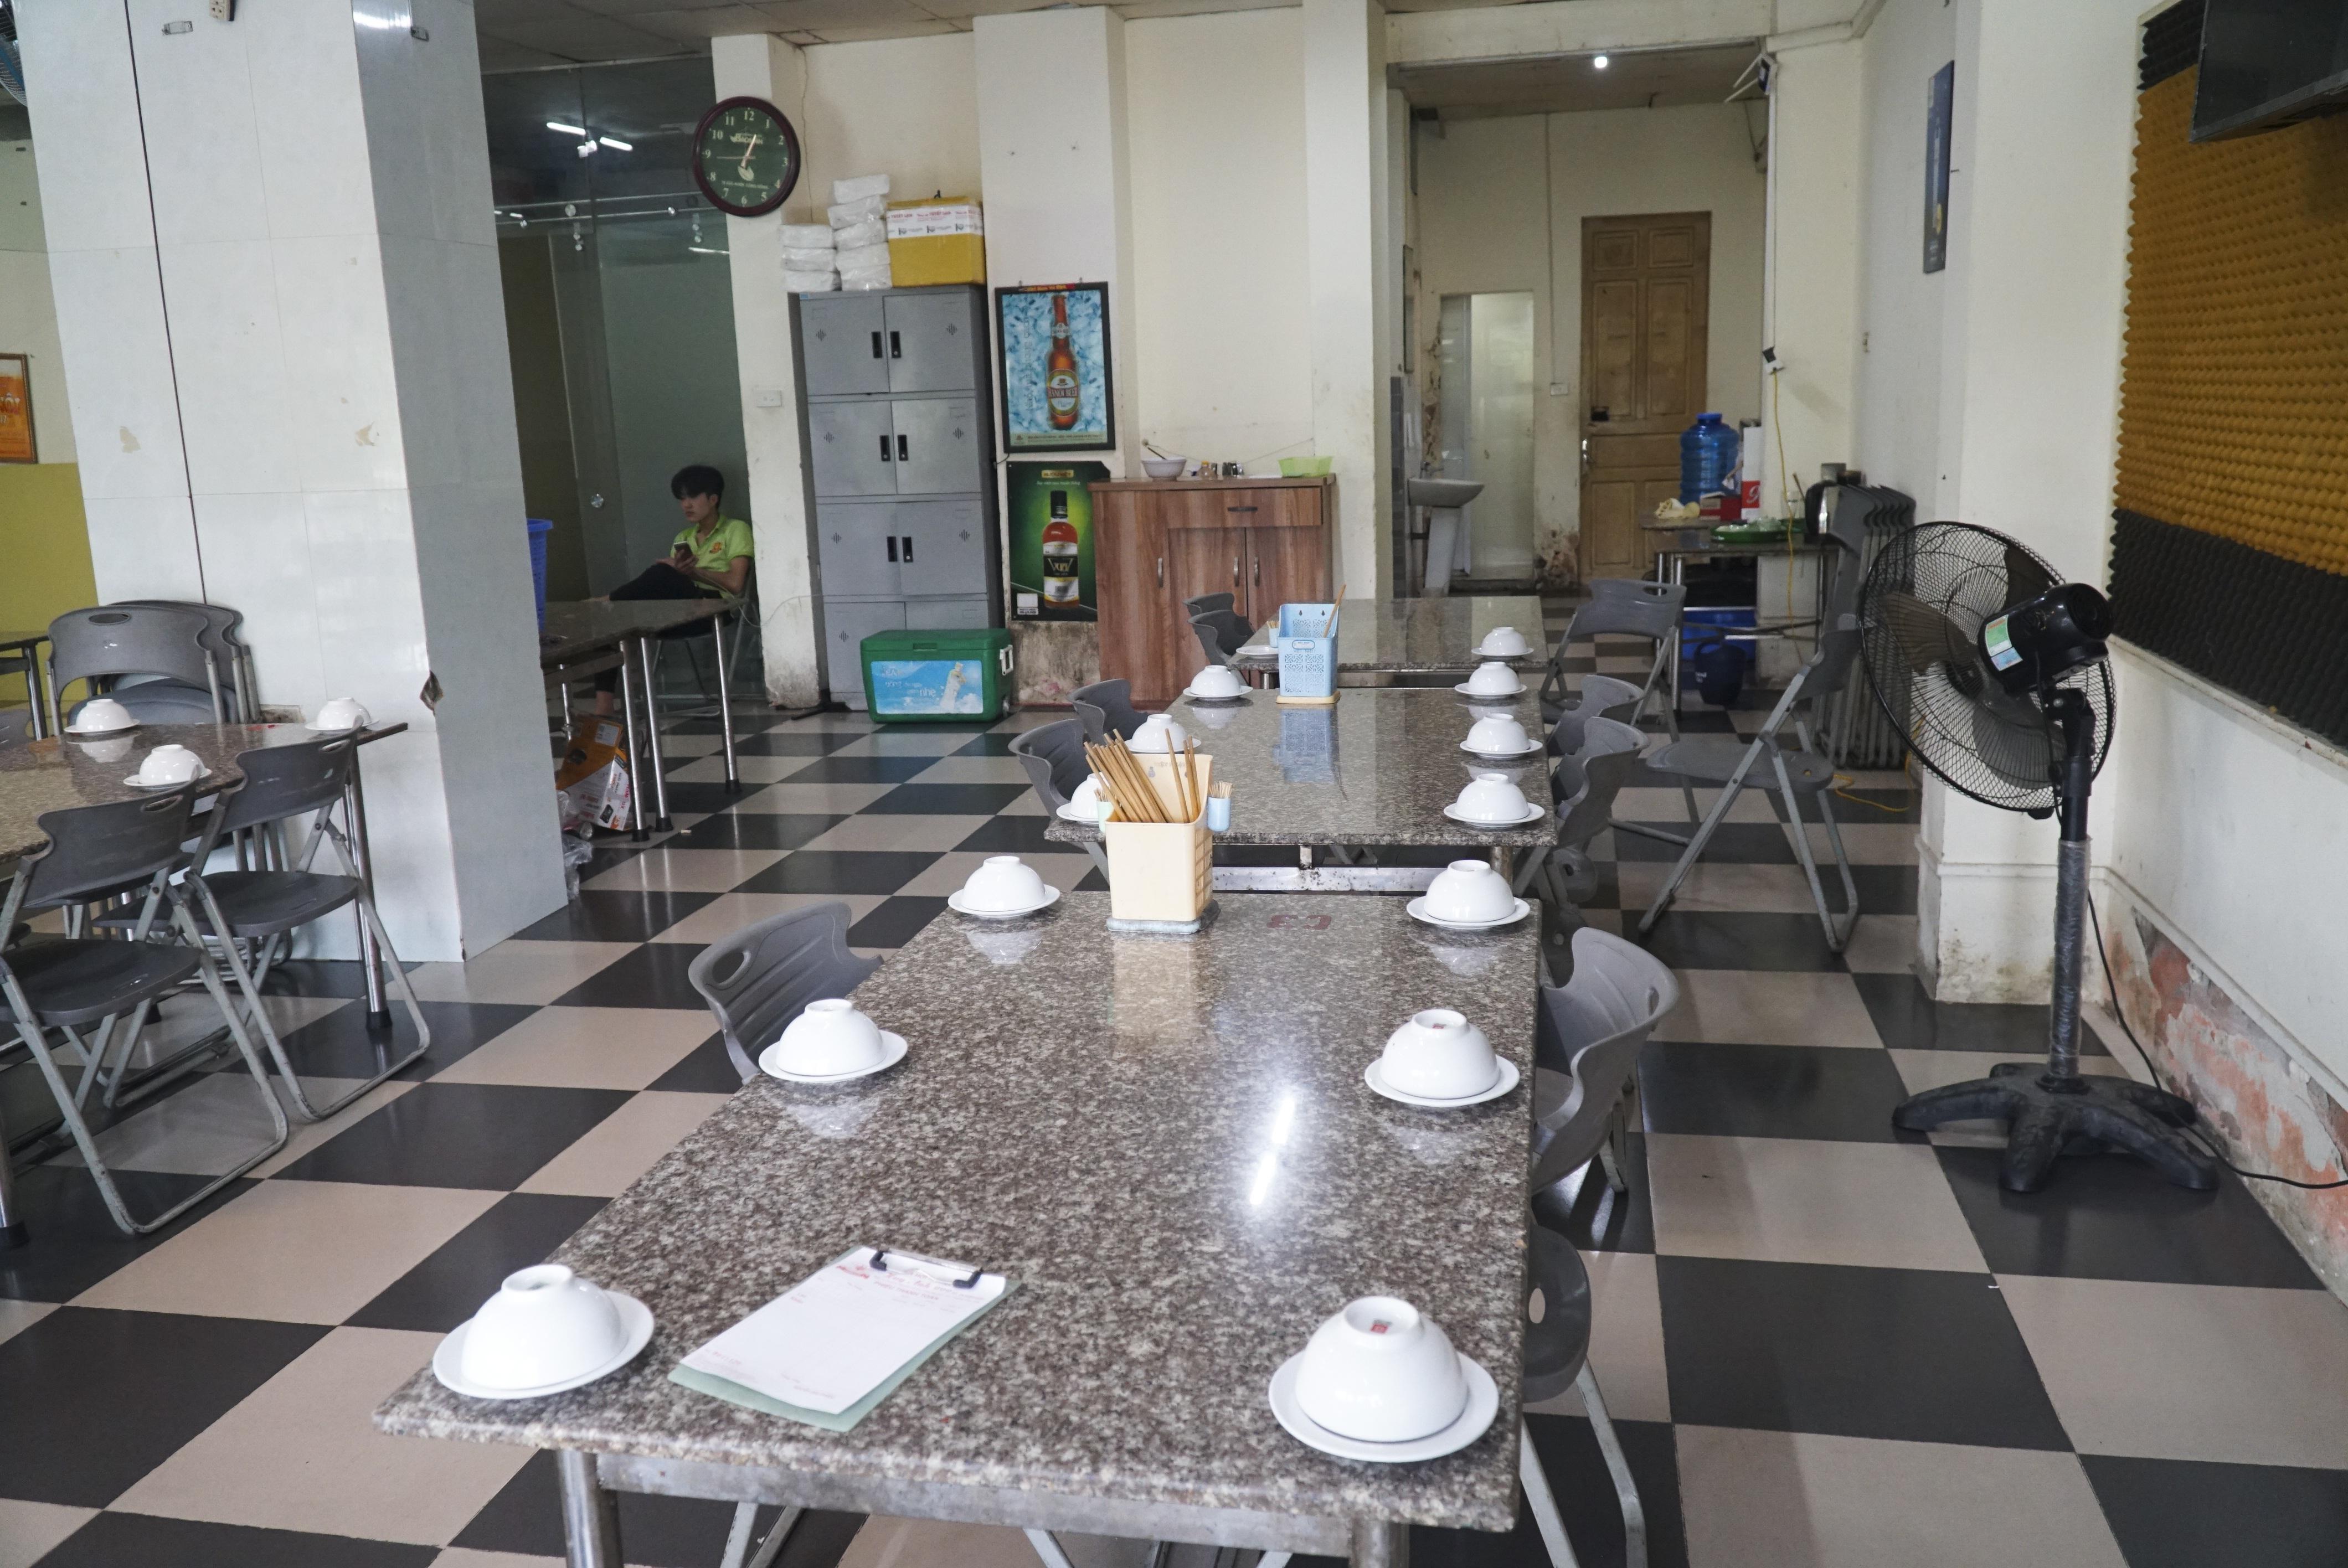 Hà Nội: Quán nhậu đìu hiu vắng khách, thất thu sau Nghị định 100 - 2